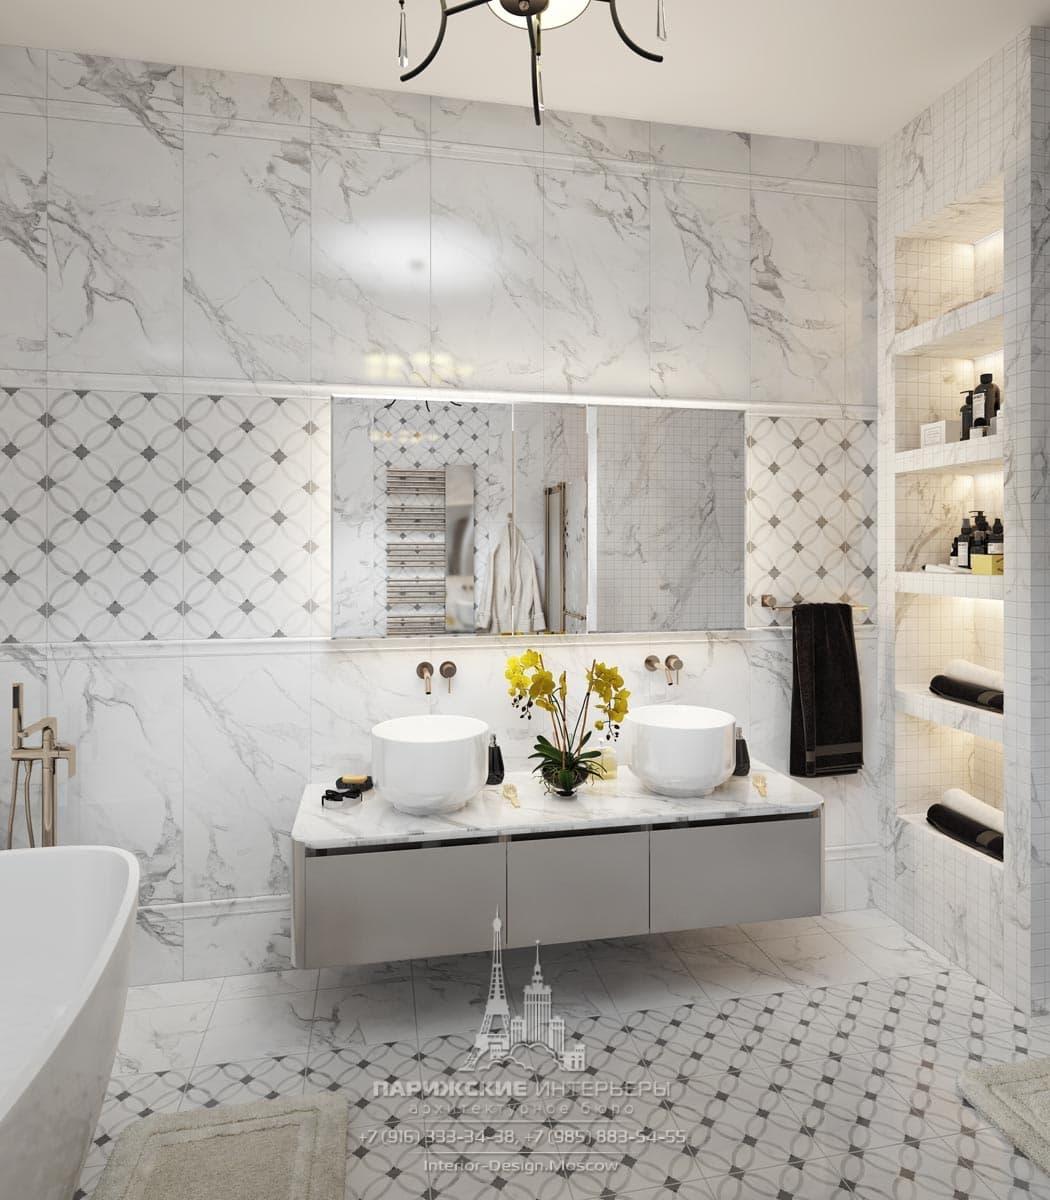 Интерьер ванной комнаты в светлых тонах – парижский стиль